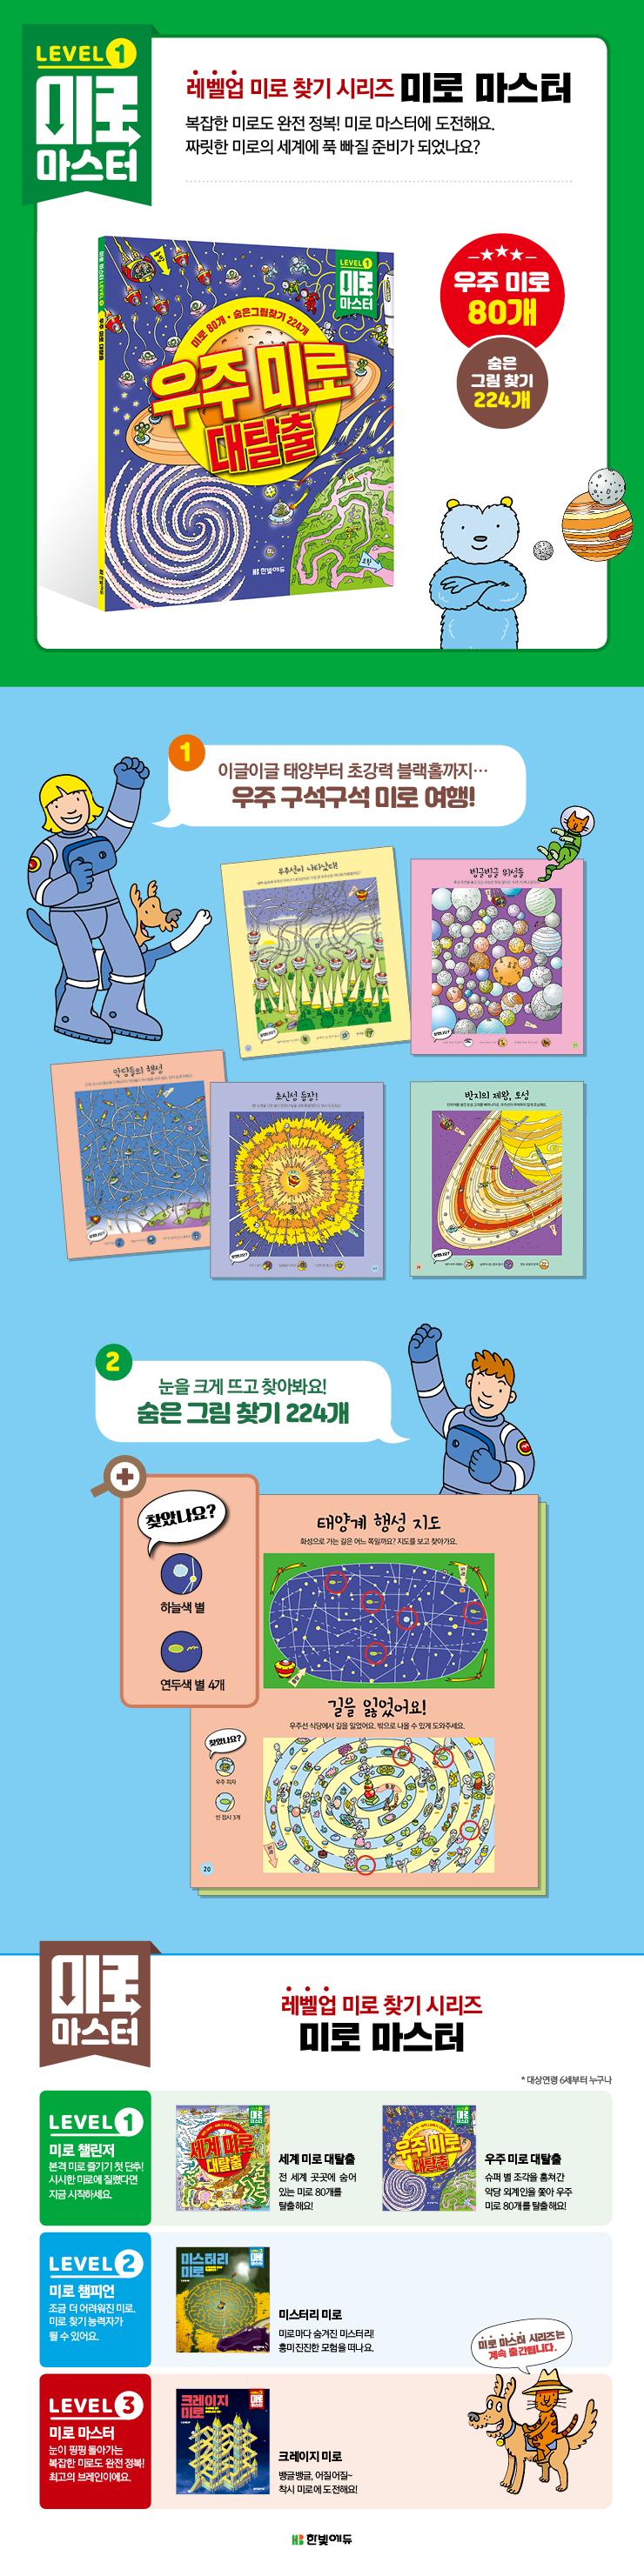 한빛에듀-우주미로대탈출-상세이미지(740).jpg